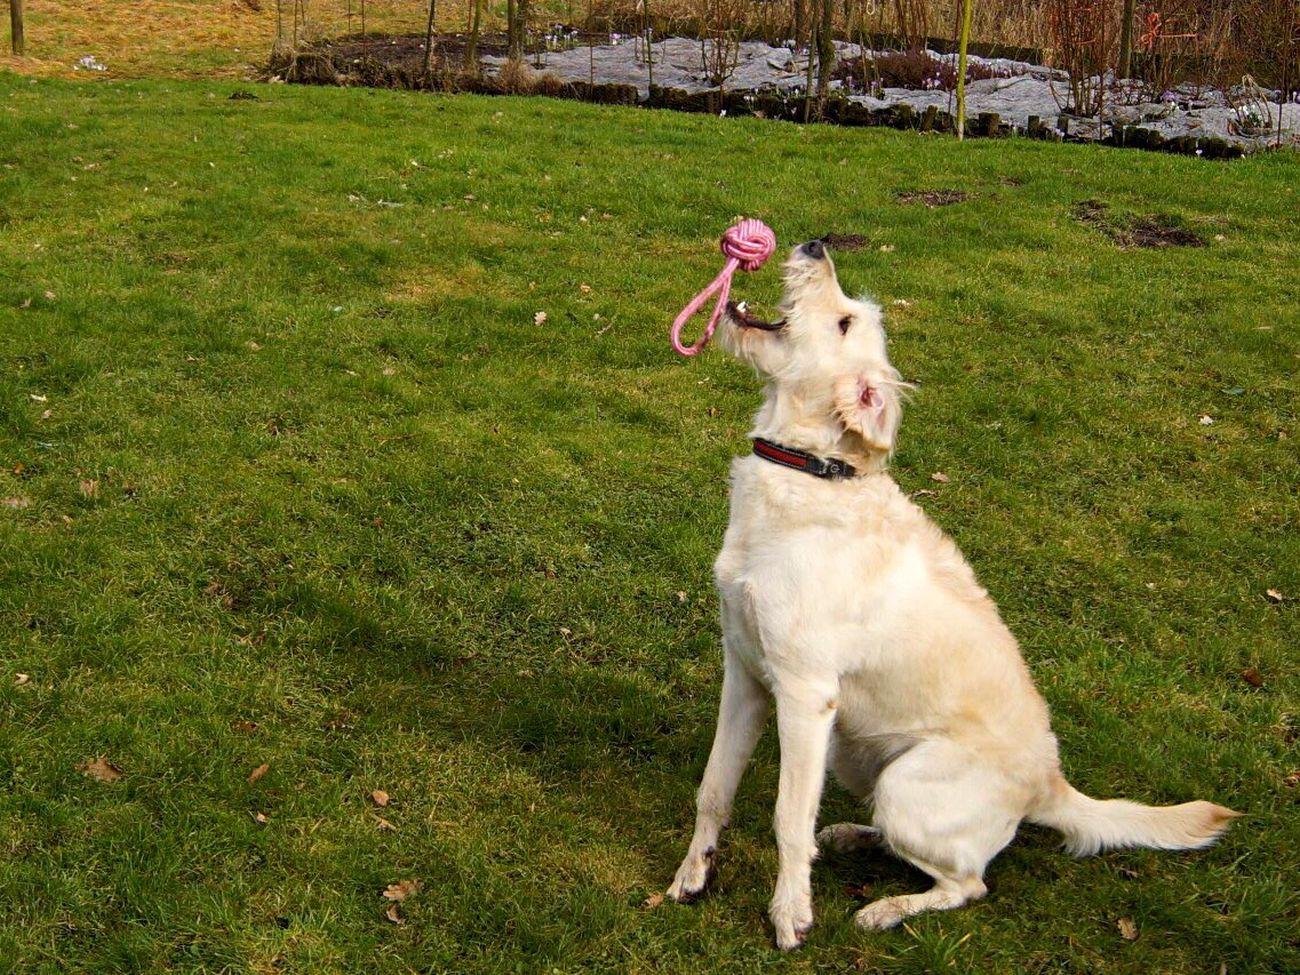 Dog Pets Outdoors Day Fun Game Family Ball Garden Springtime